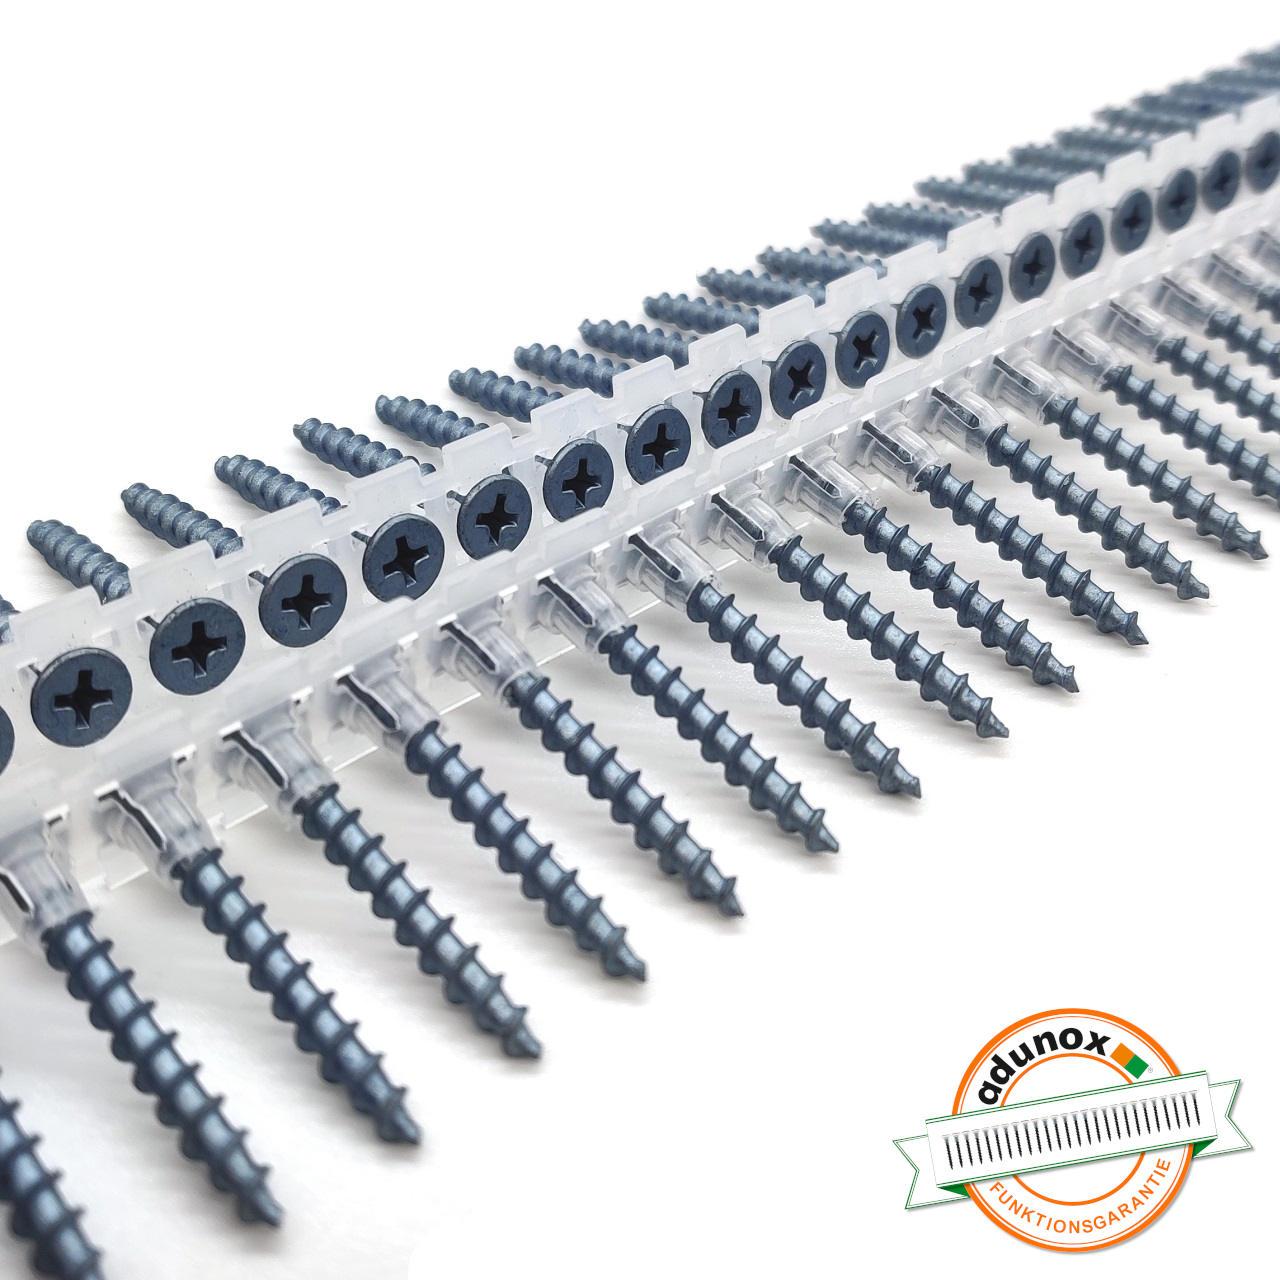 Magazinierte BLUEfast500® Schnellbauschrauben | Grobgewinde | 3,9x45 | 1.000 Stk